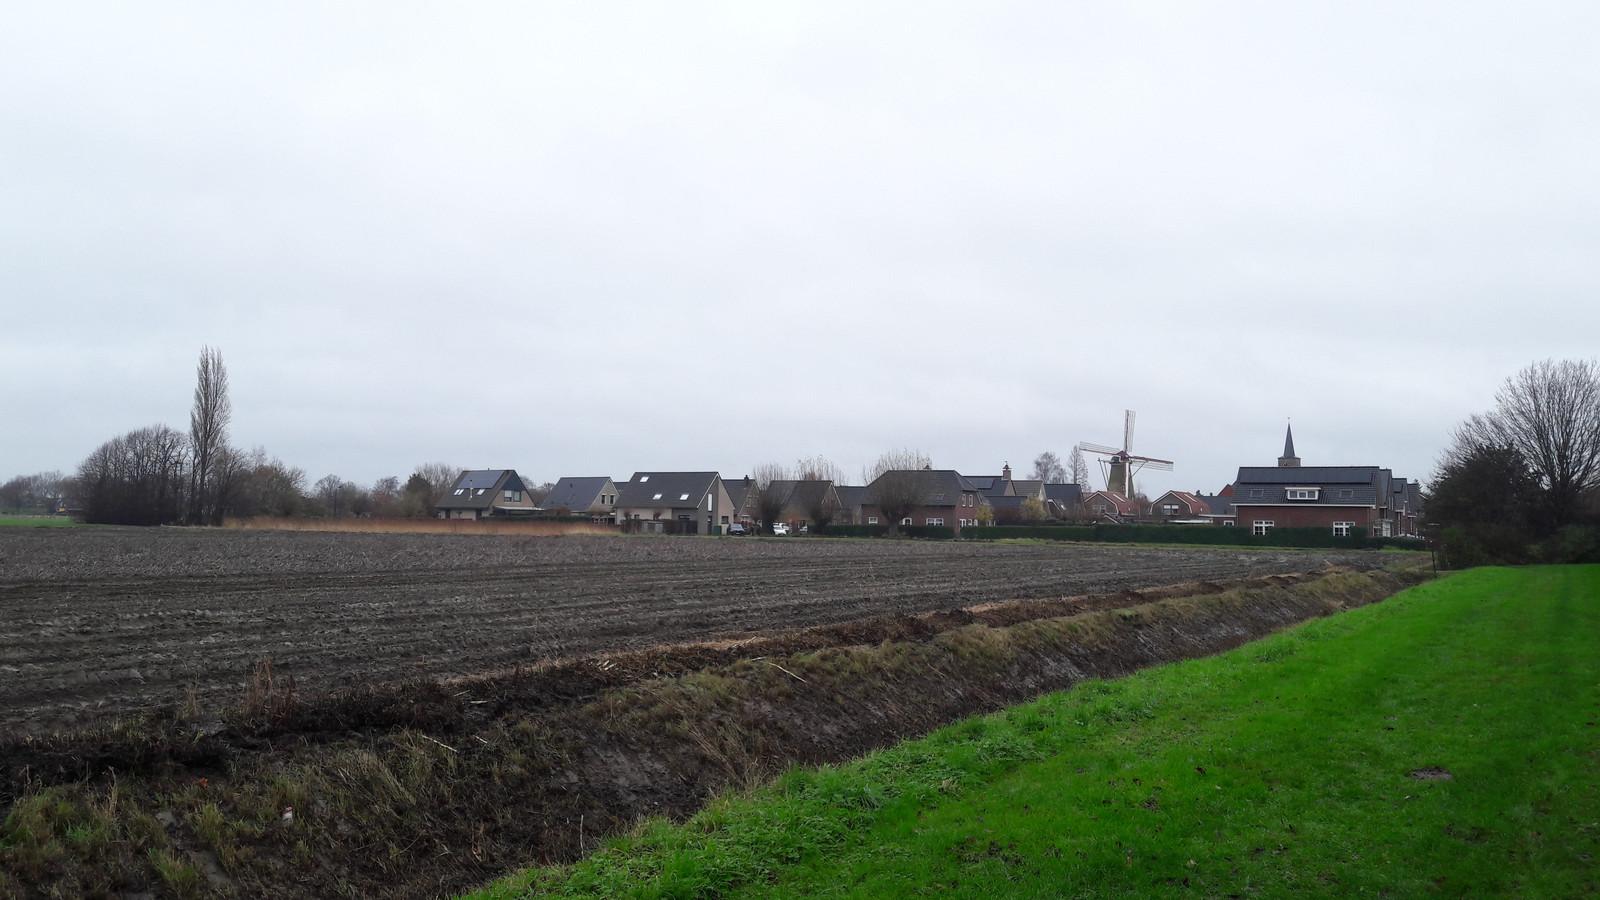 Windlust 2 aan de uiterste westkant van Hoek, het braakliggend stuk grond waar onder meer een nieuwe basisschool en dorpshuis zijn gepland.